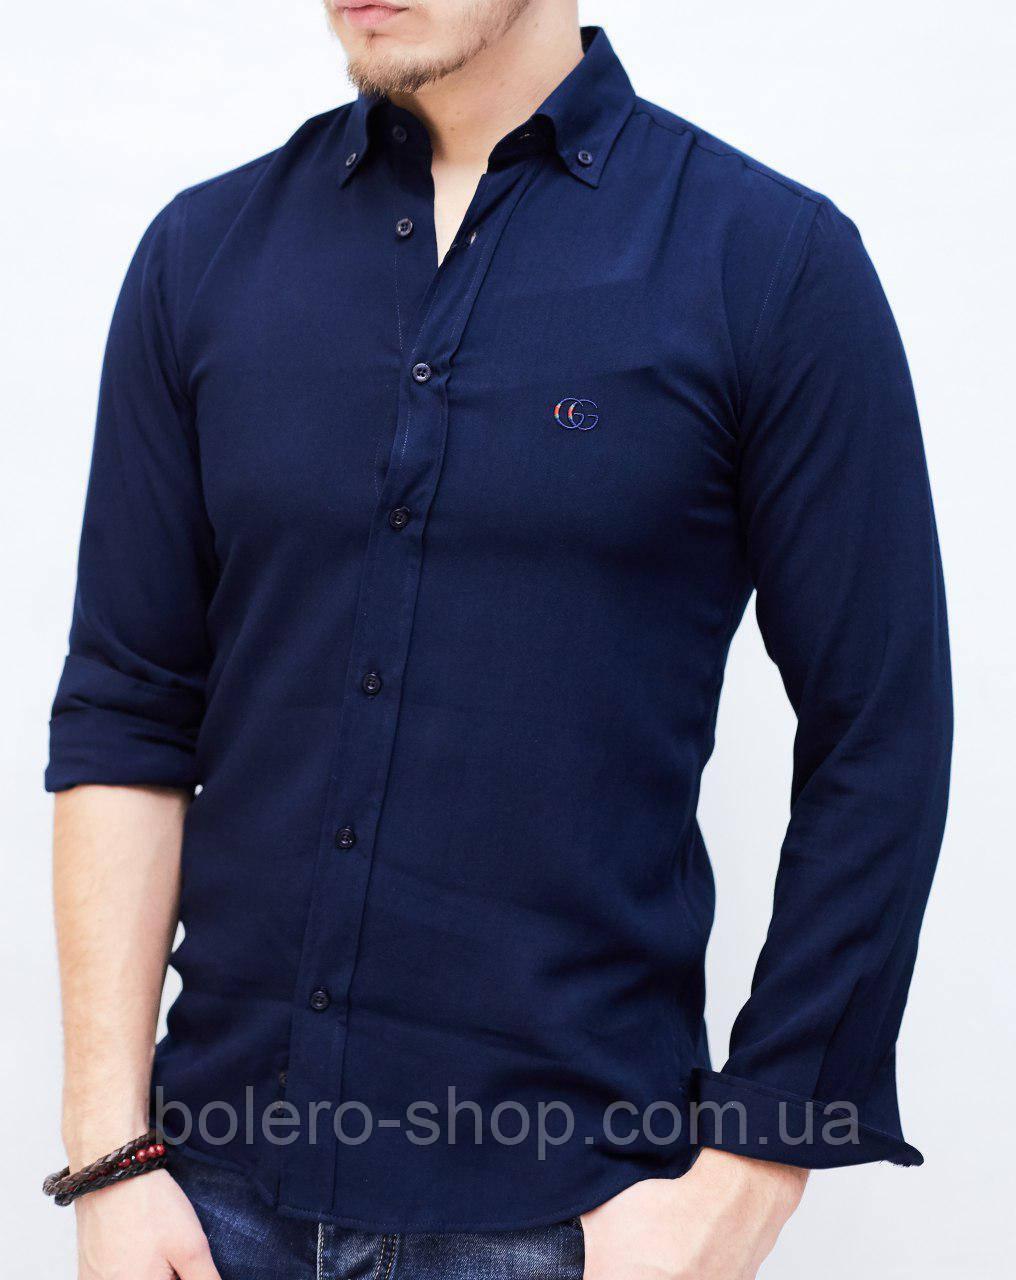 Рубашка мужская GUCCI темно-синяя